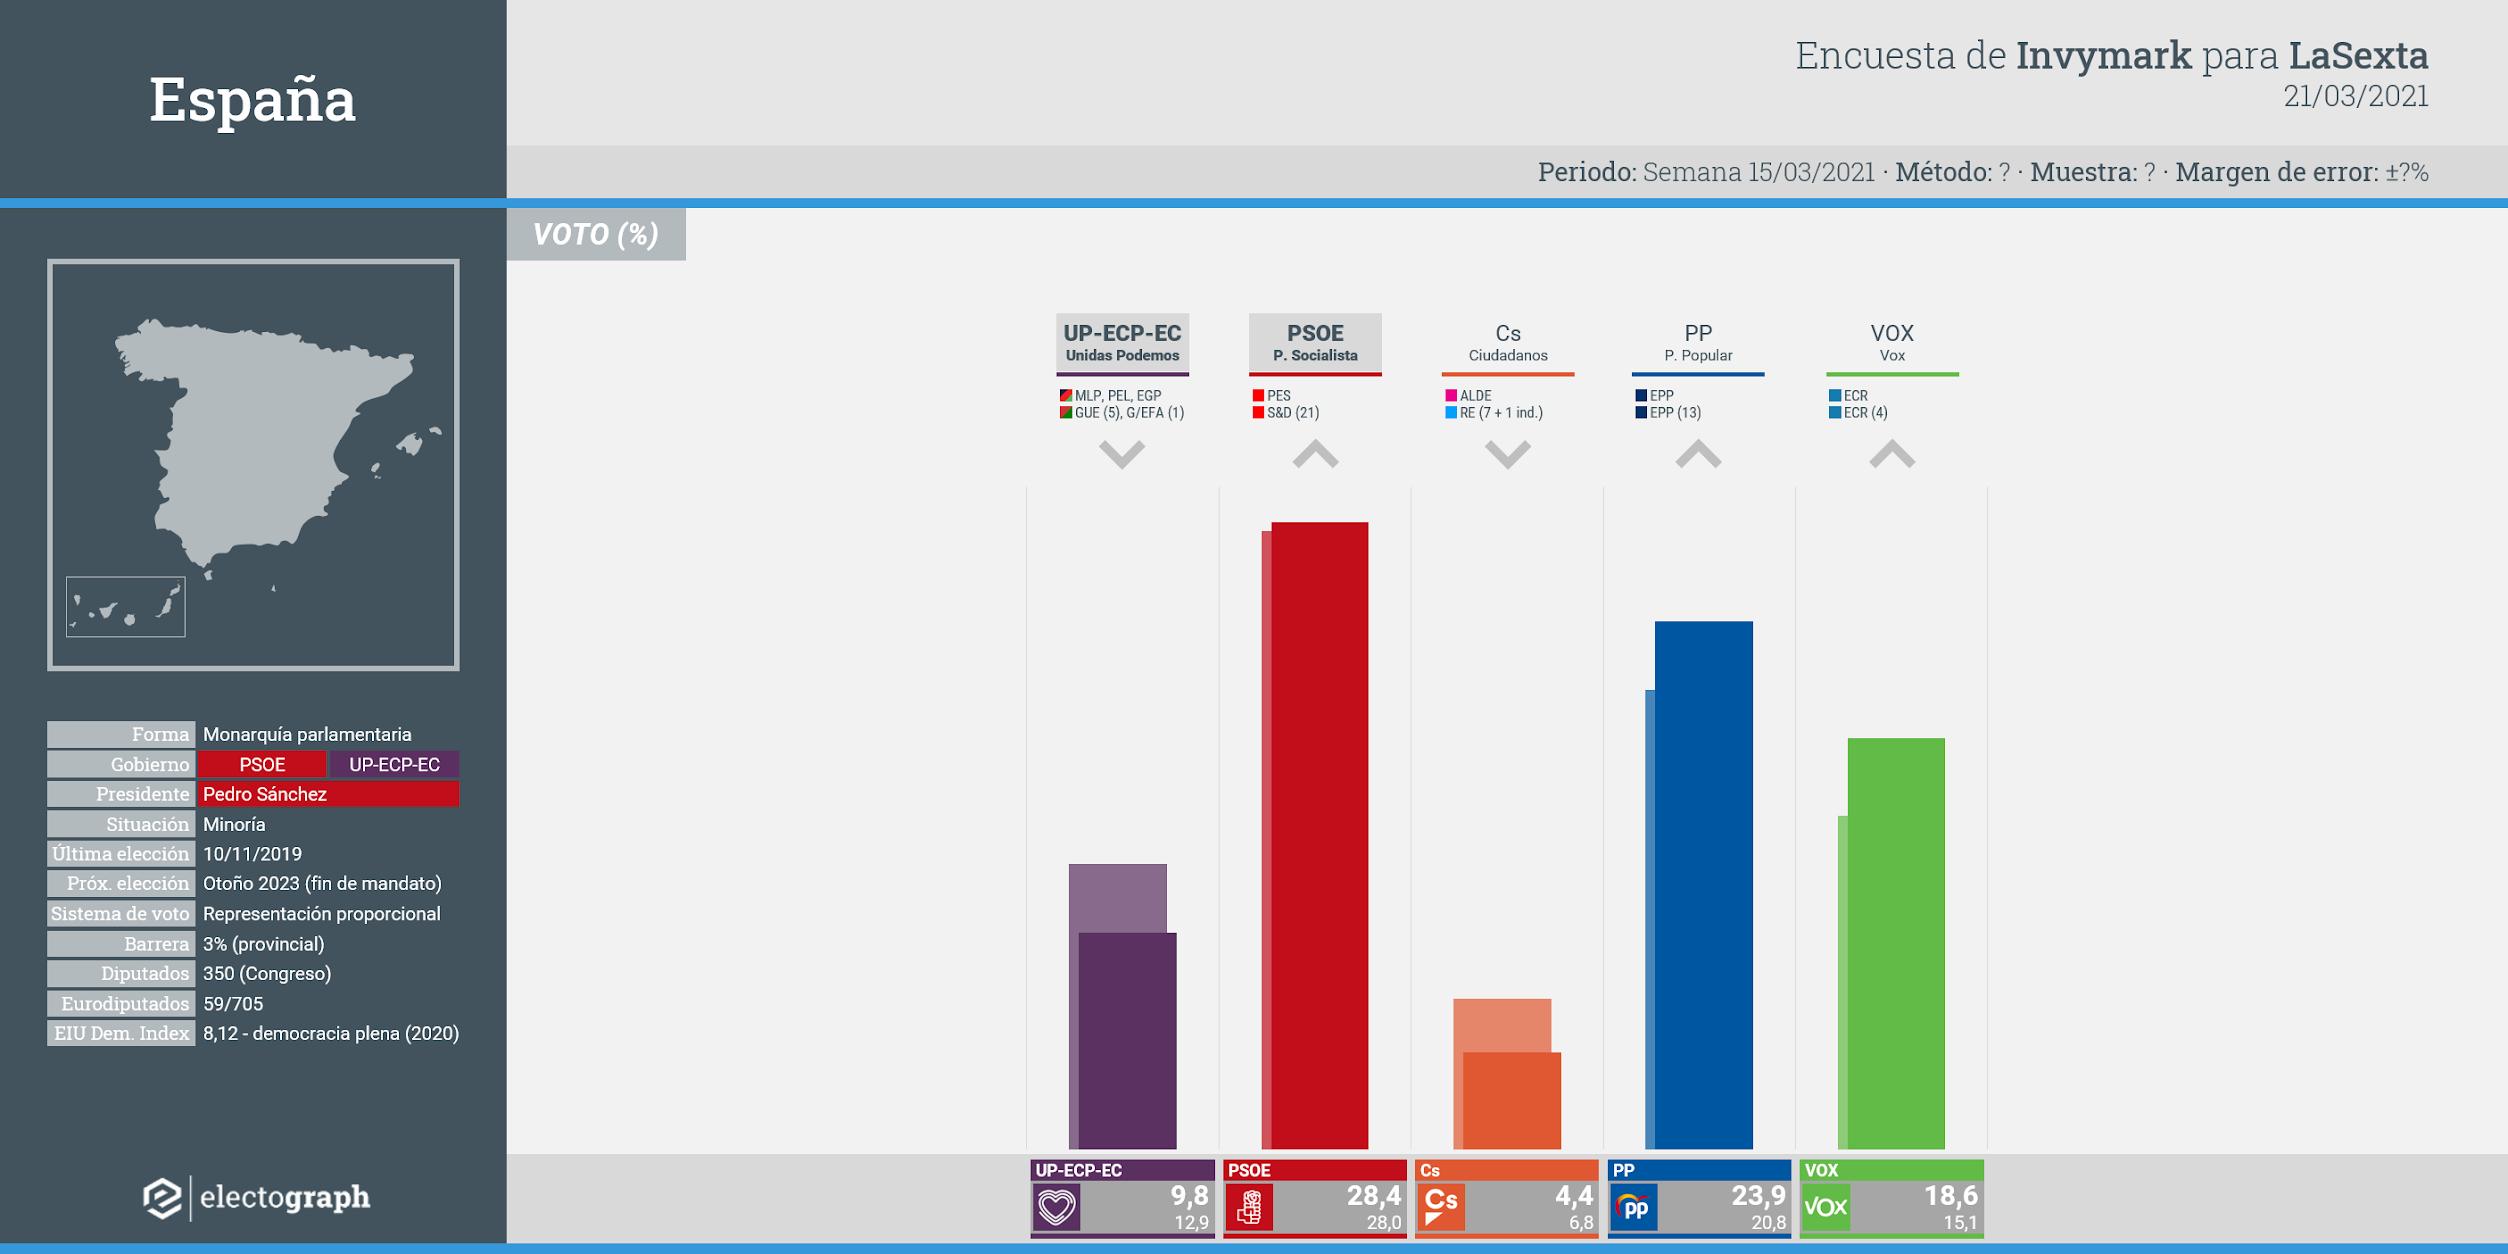 Gráfico de la encuesta para elecciones generales en España realizada por Invymark para LaSexta, 21 de marzo de 2021